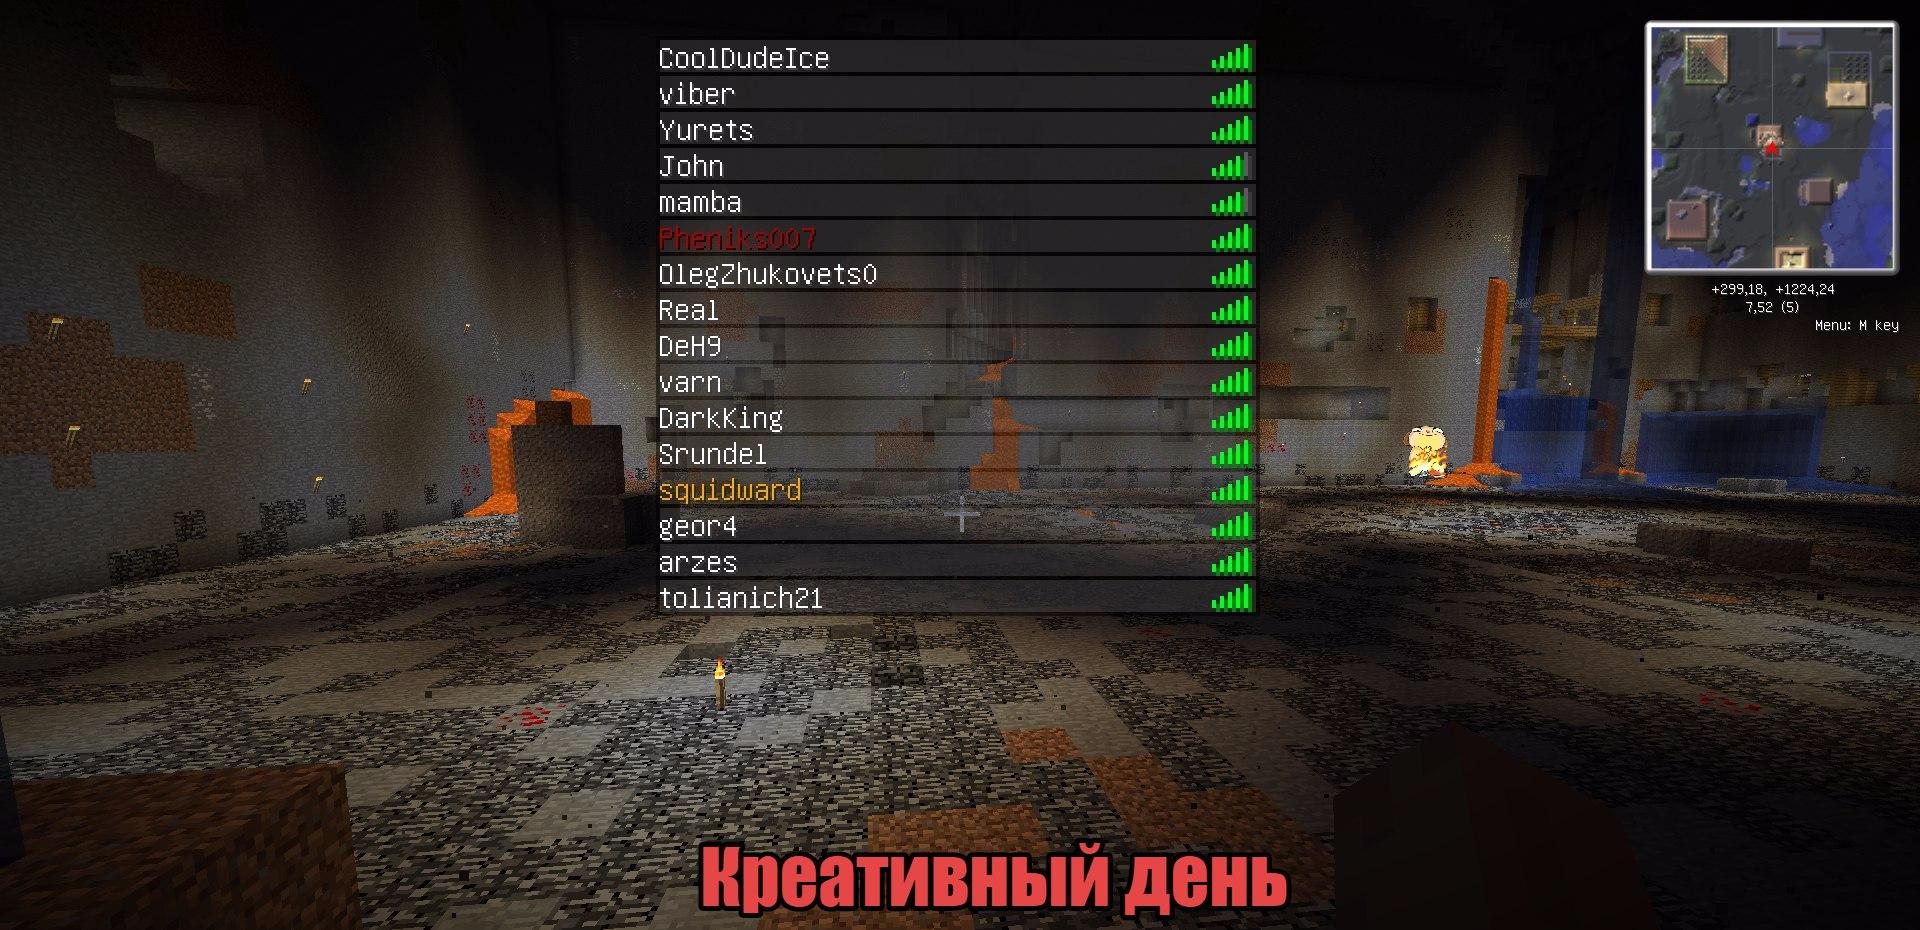 JiNl2k_7nP0.jpg